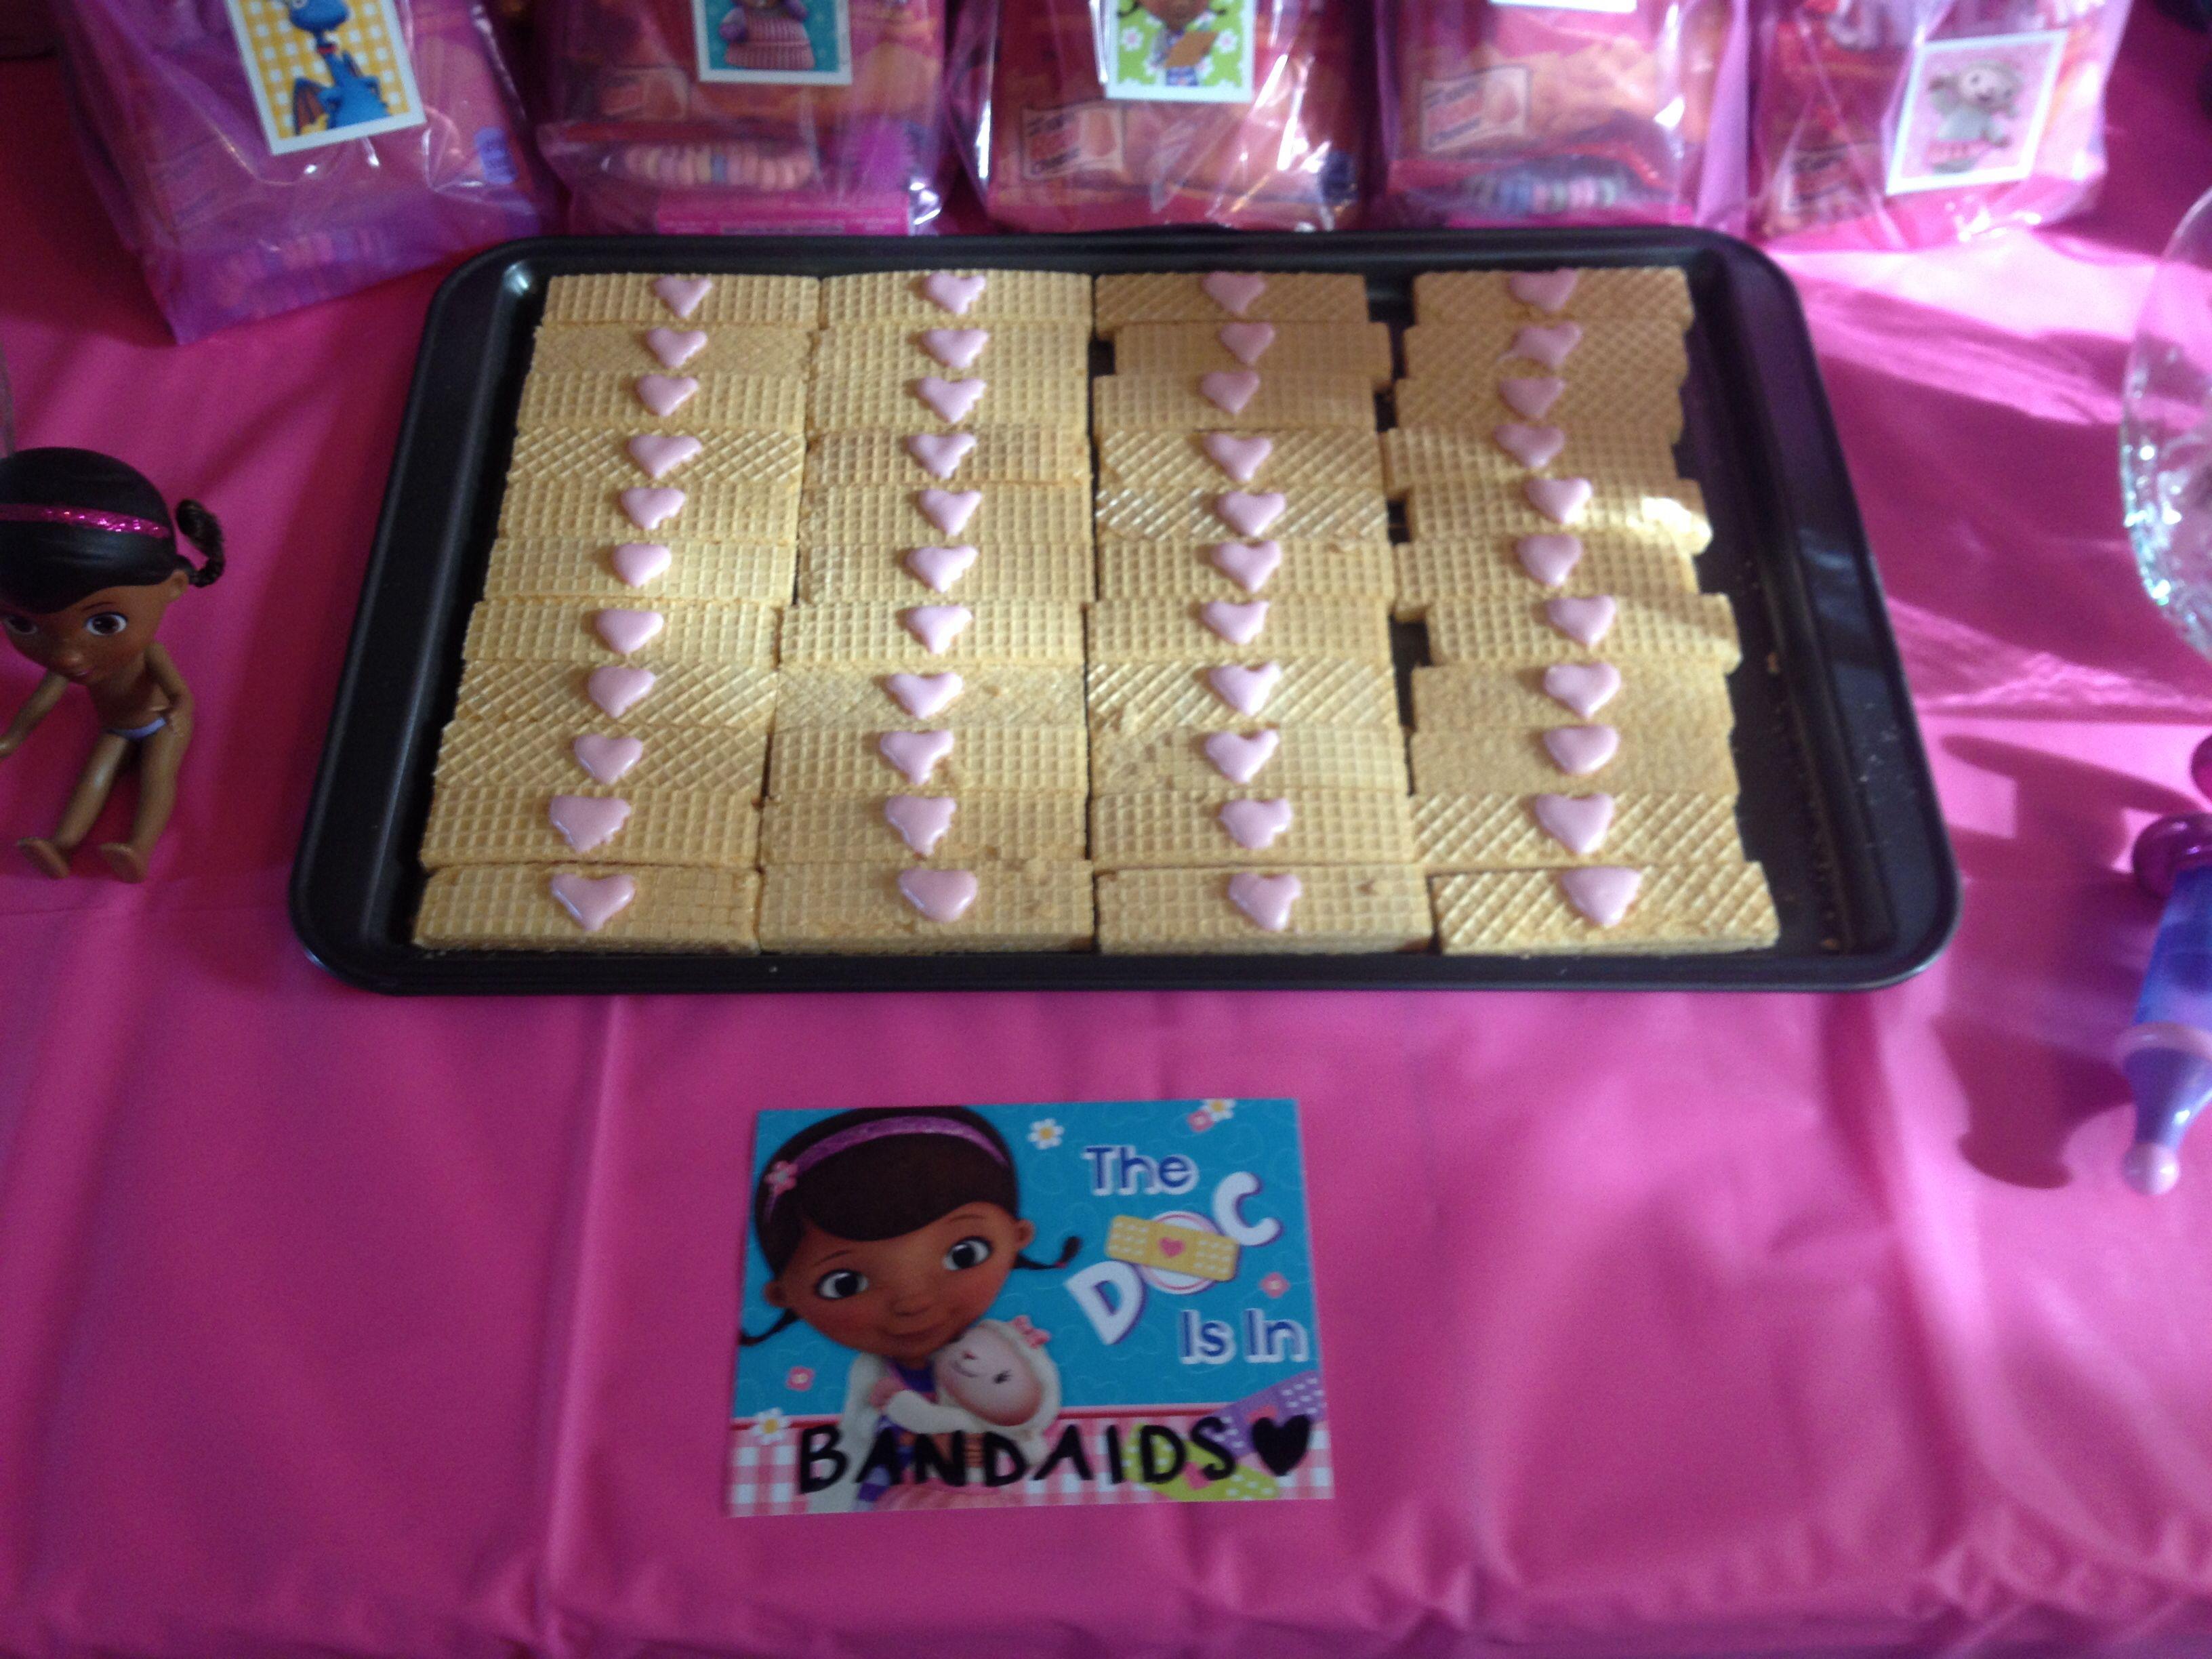 Doc mcstuffins bandages doc mcstuffins party ideas on pinterest doc - Birthday Party Ideas Doc Mcstuffins Vanilla Wafer Bandaids